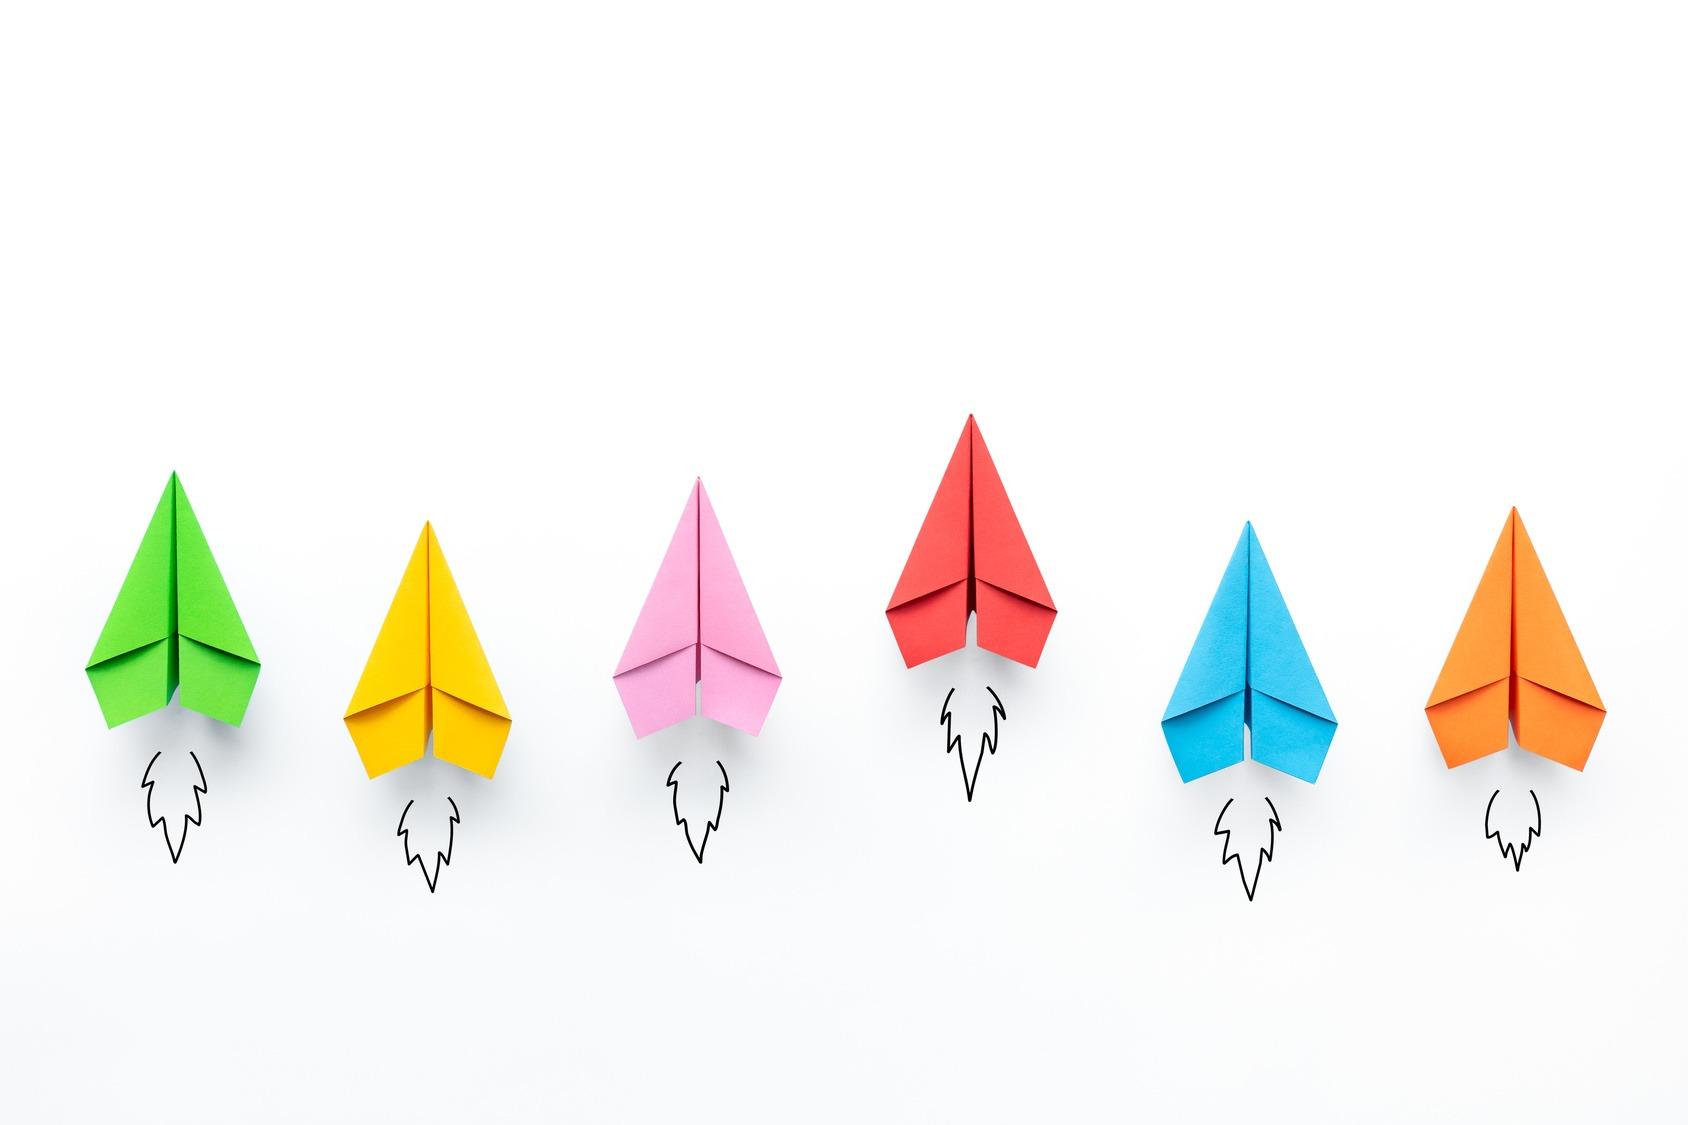 Sechs bunte Papierflieger auf weißem Grund von oben fotografiert.